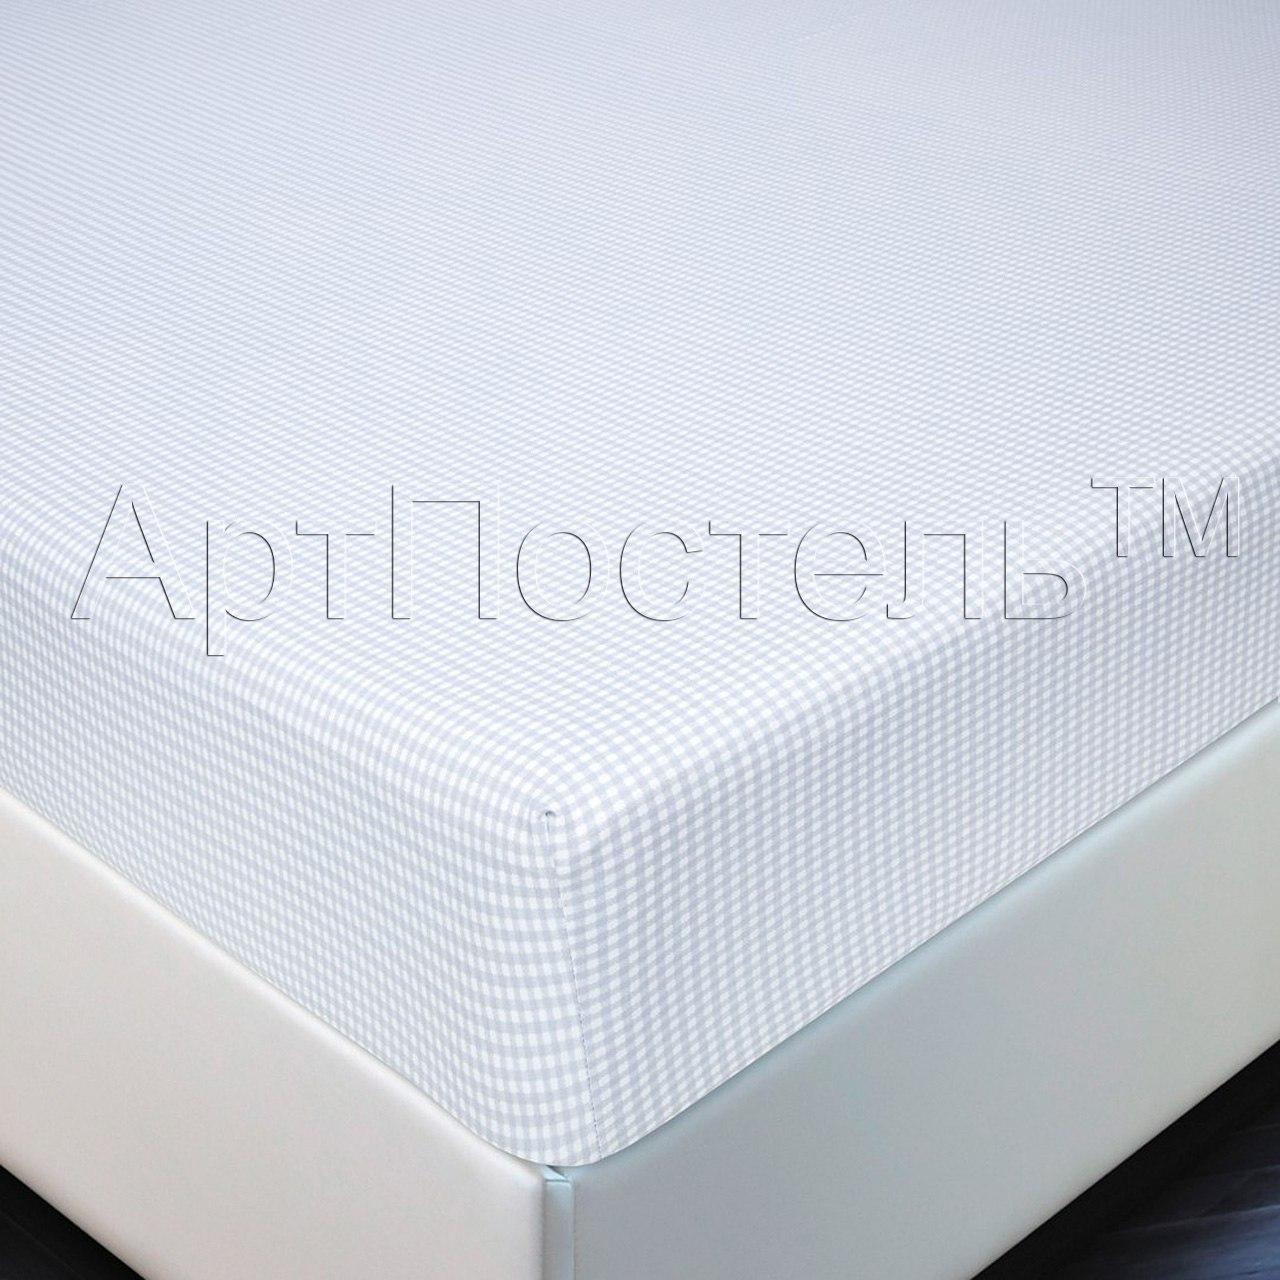 Простыня на резинке Клетка р. 160х200Простыни<br>Плотность ткани: 140 г/кв. м<br><br>Тип: Простыня на резинке<br>Размер: 160х200<br>Материал: Кулирка